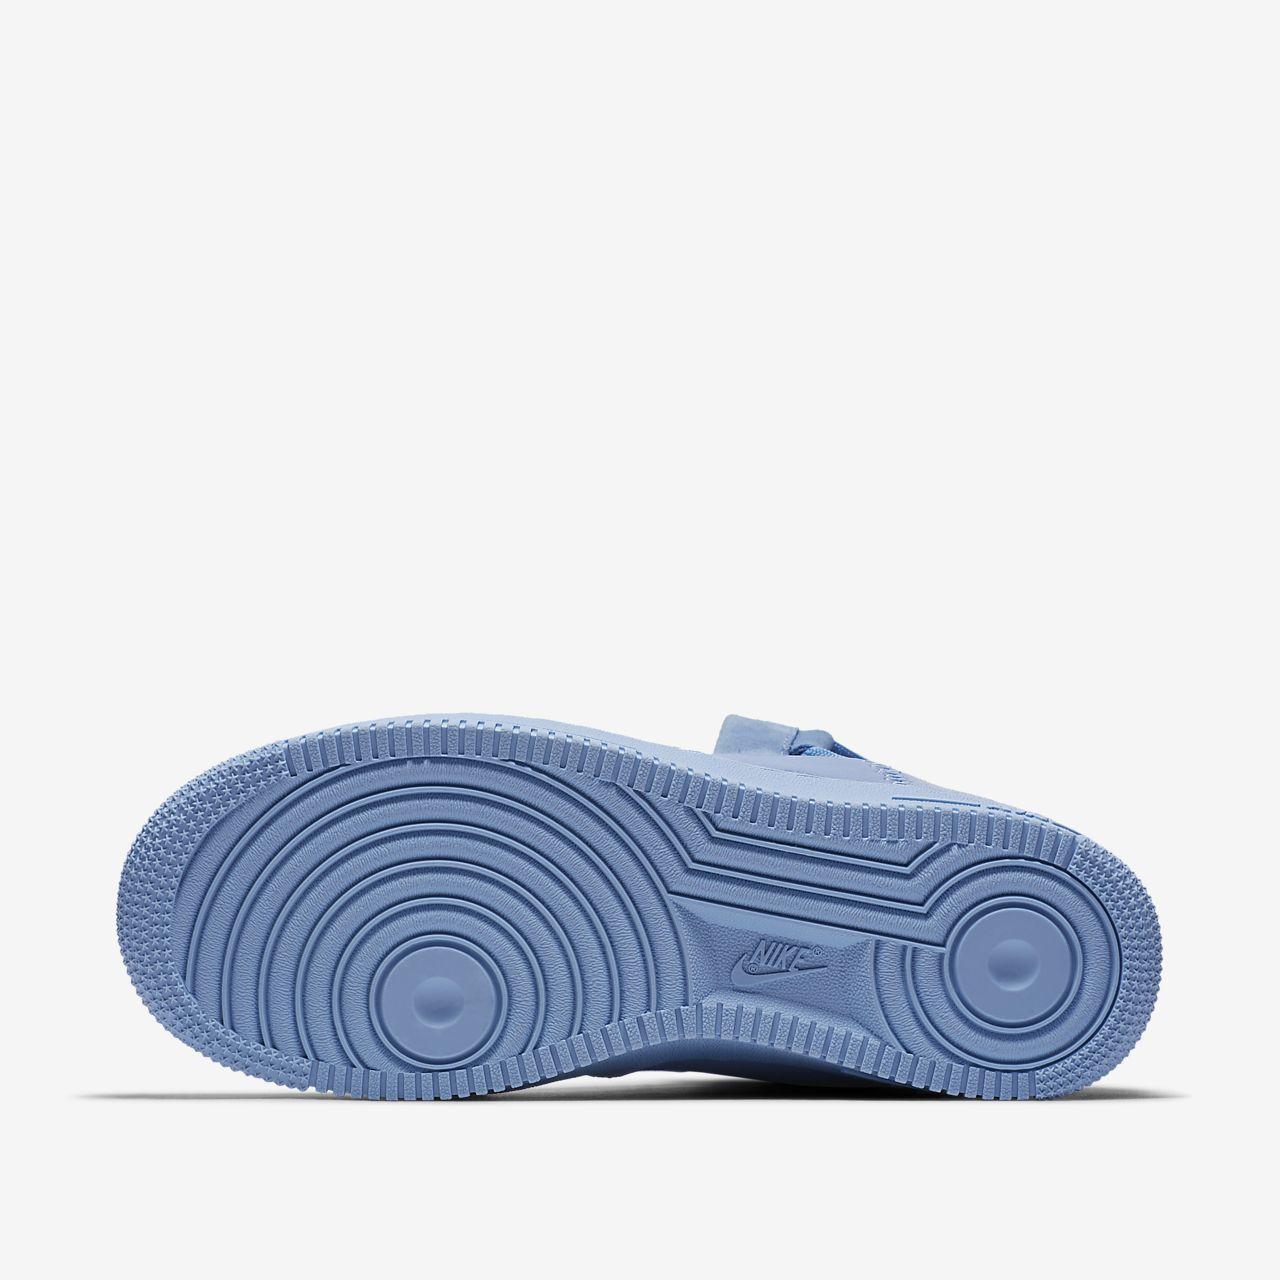 new arrival ae6db f328b ... Nike AF-1 Rebel XX Women s Shoe